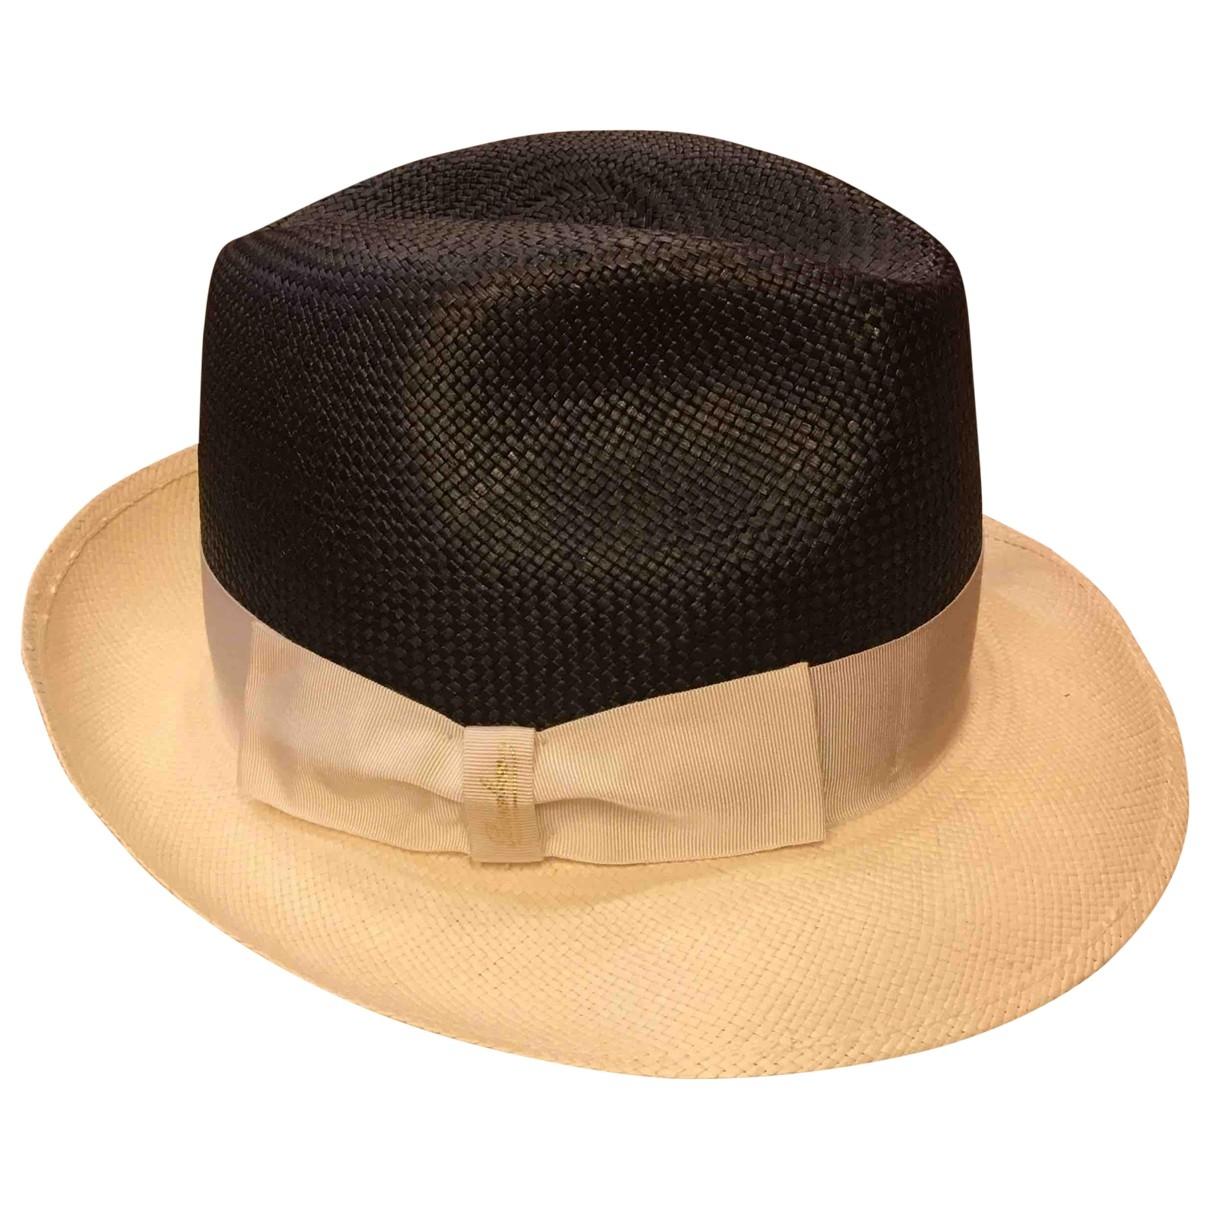 Borsalino \N Multicolour Wicker hat for Women L International